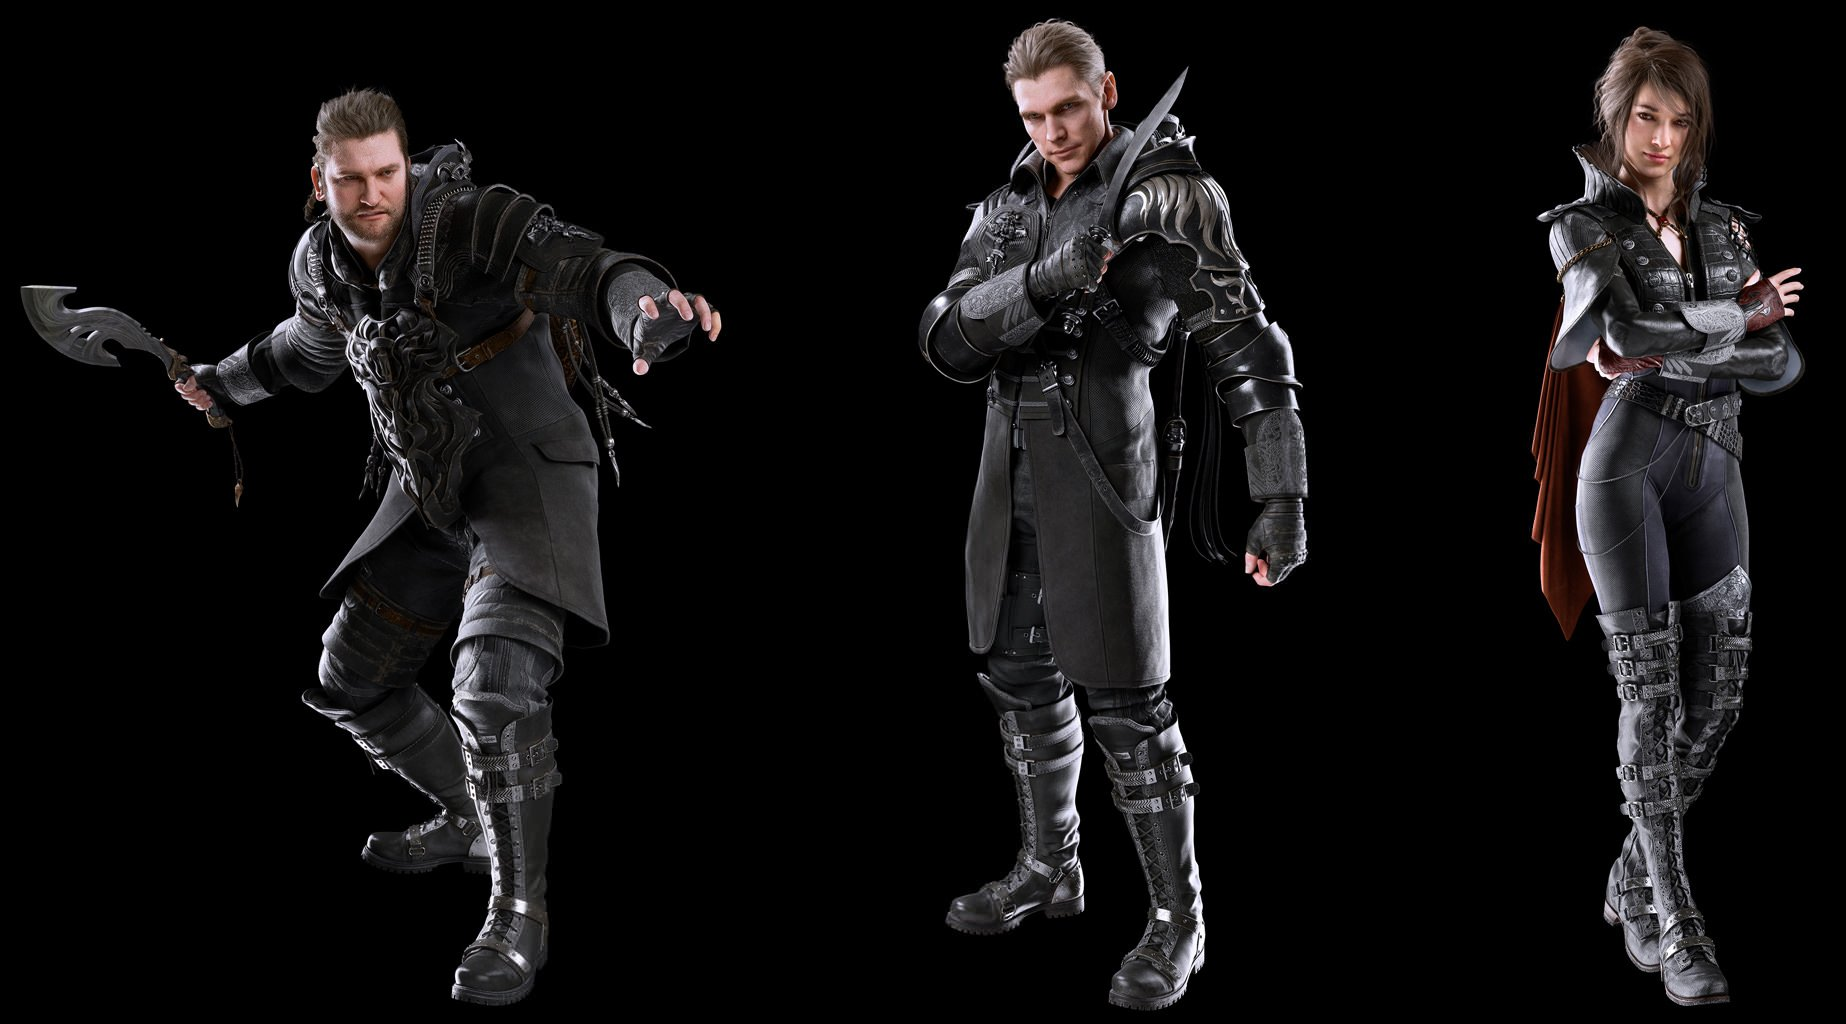 Kingsglaive: Final Fantasy XV Cast Detailed 2